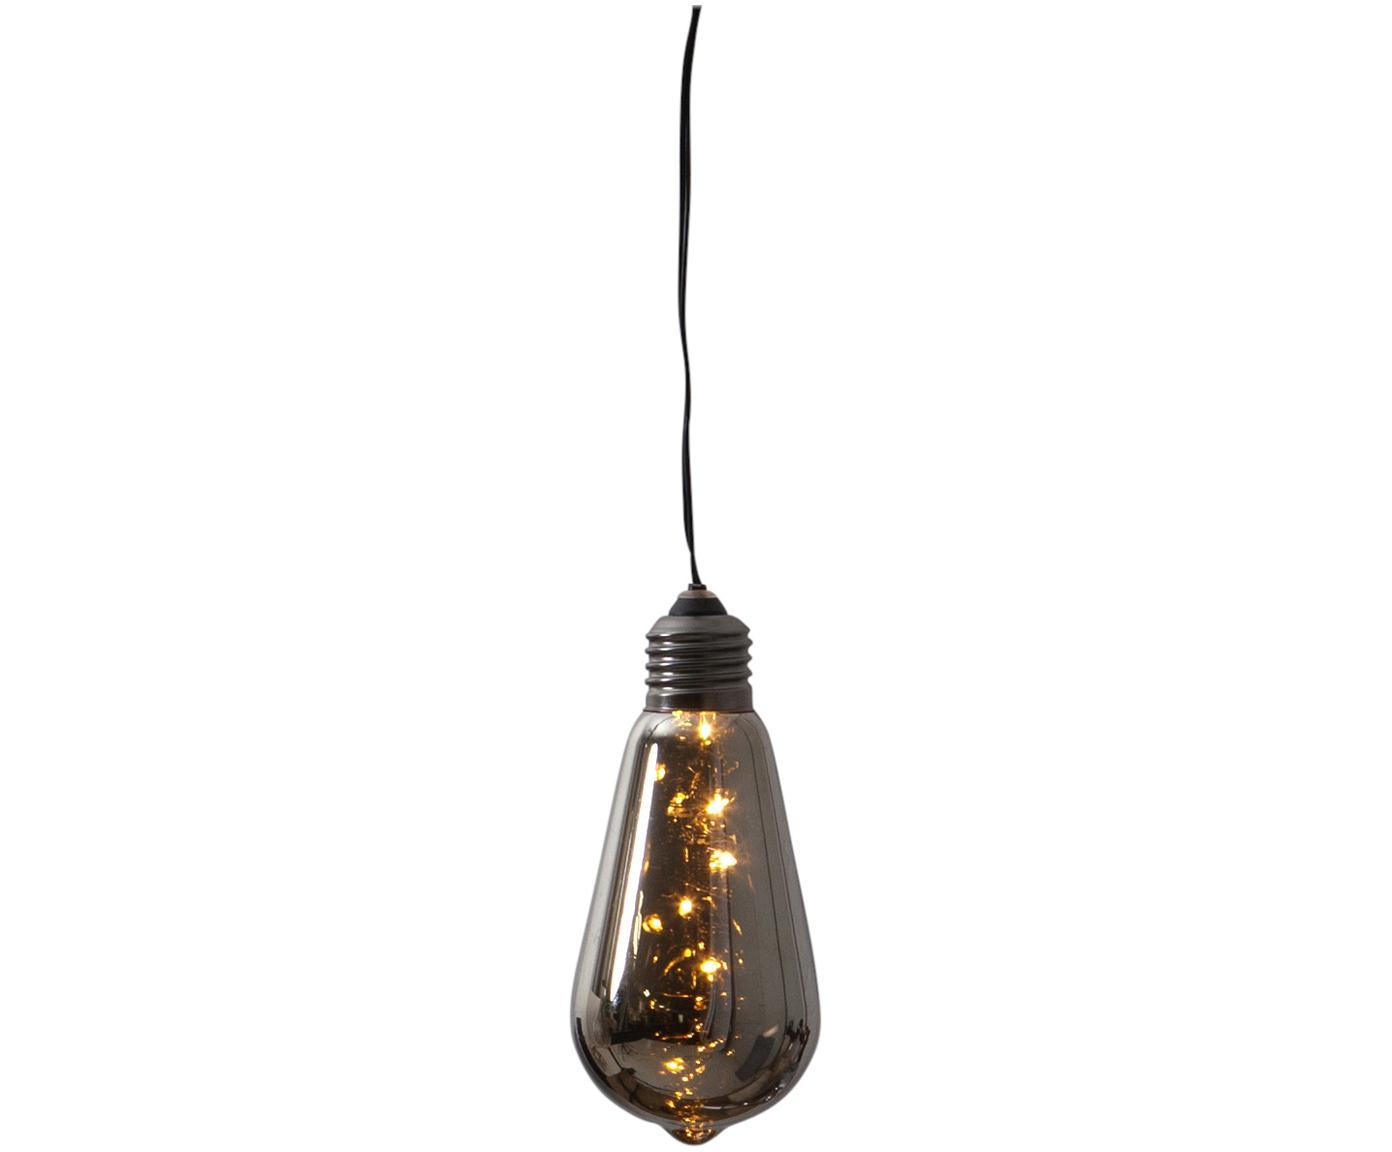 LED Dekoleuchten Glow mit Timer, 2 Stück, Lampenschirm: Glas, getönt, Schwarz, Ø 6 x H 13 cm